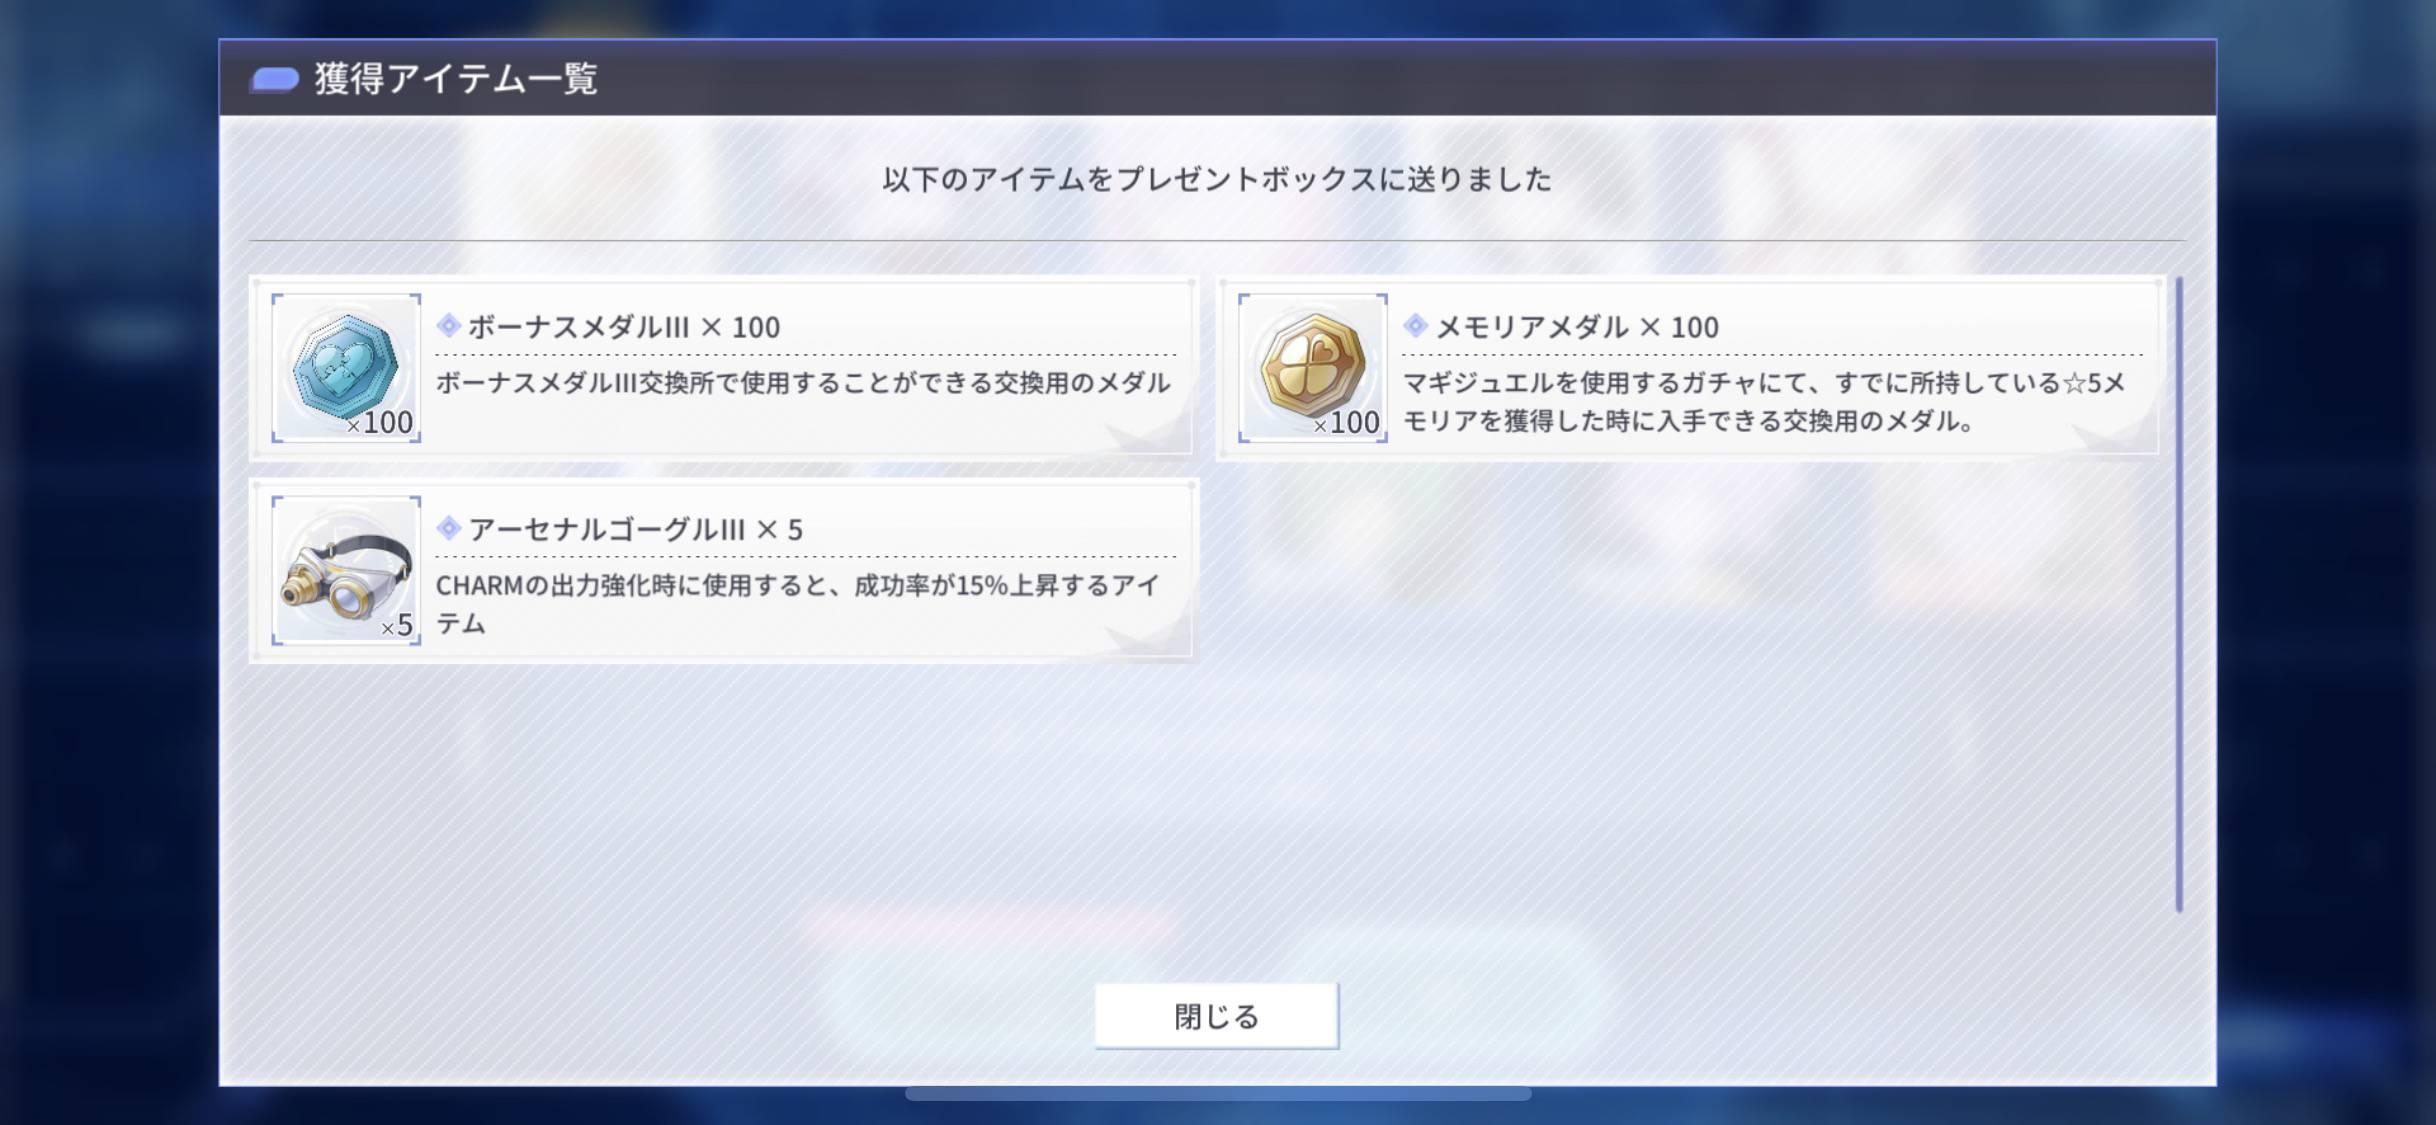 【ラスバレ】メモリアメダル期限つきかよ!?